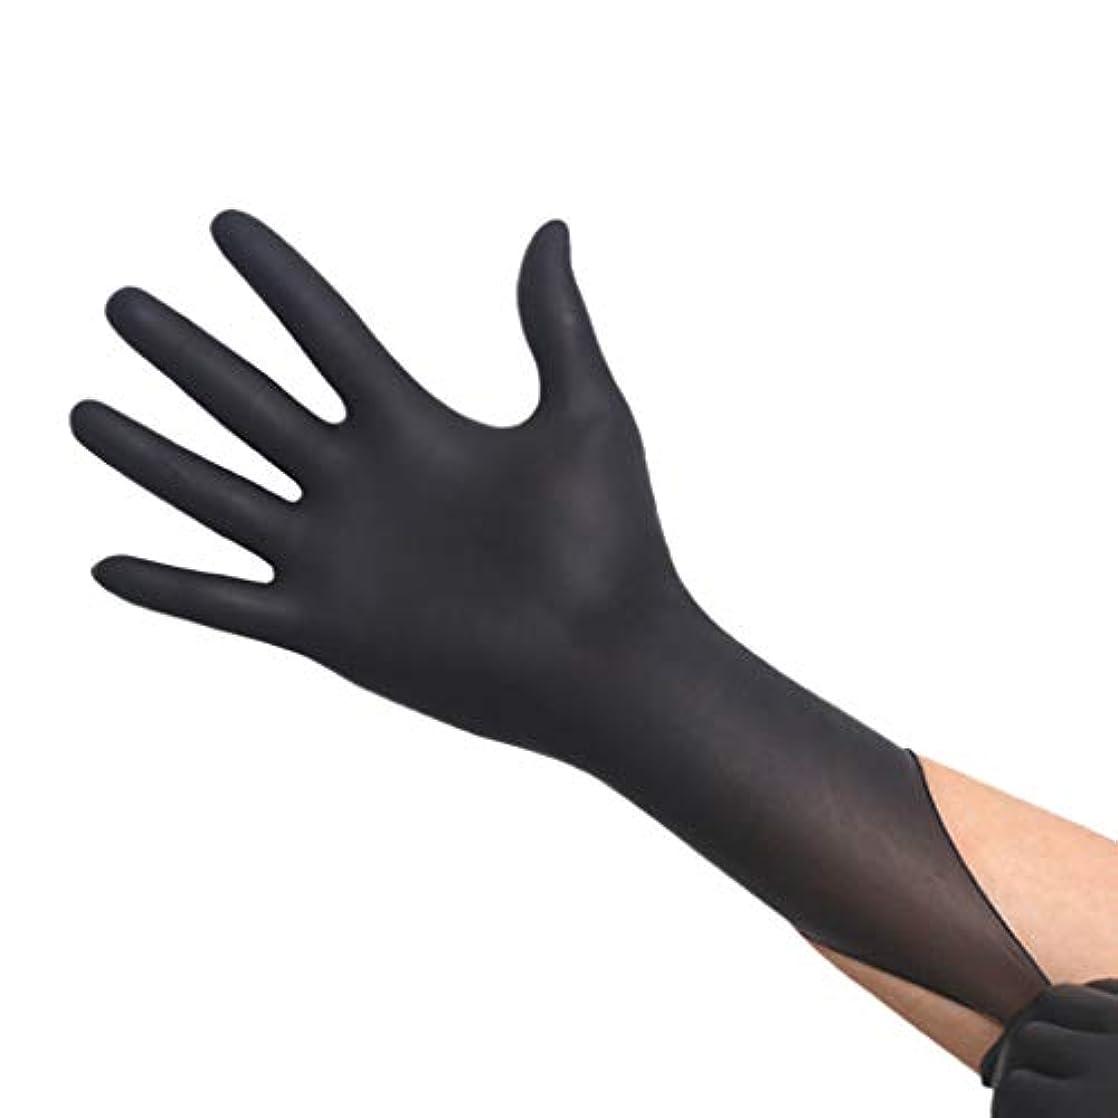 キャンペーン尾講師厚手の耐摩耗性使い捨てブラックニトリル手袋 - 耐酸性美容サロン手袋、50ペア/箱 YANW (色 : ブラック, サイズ さいず : L l)